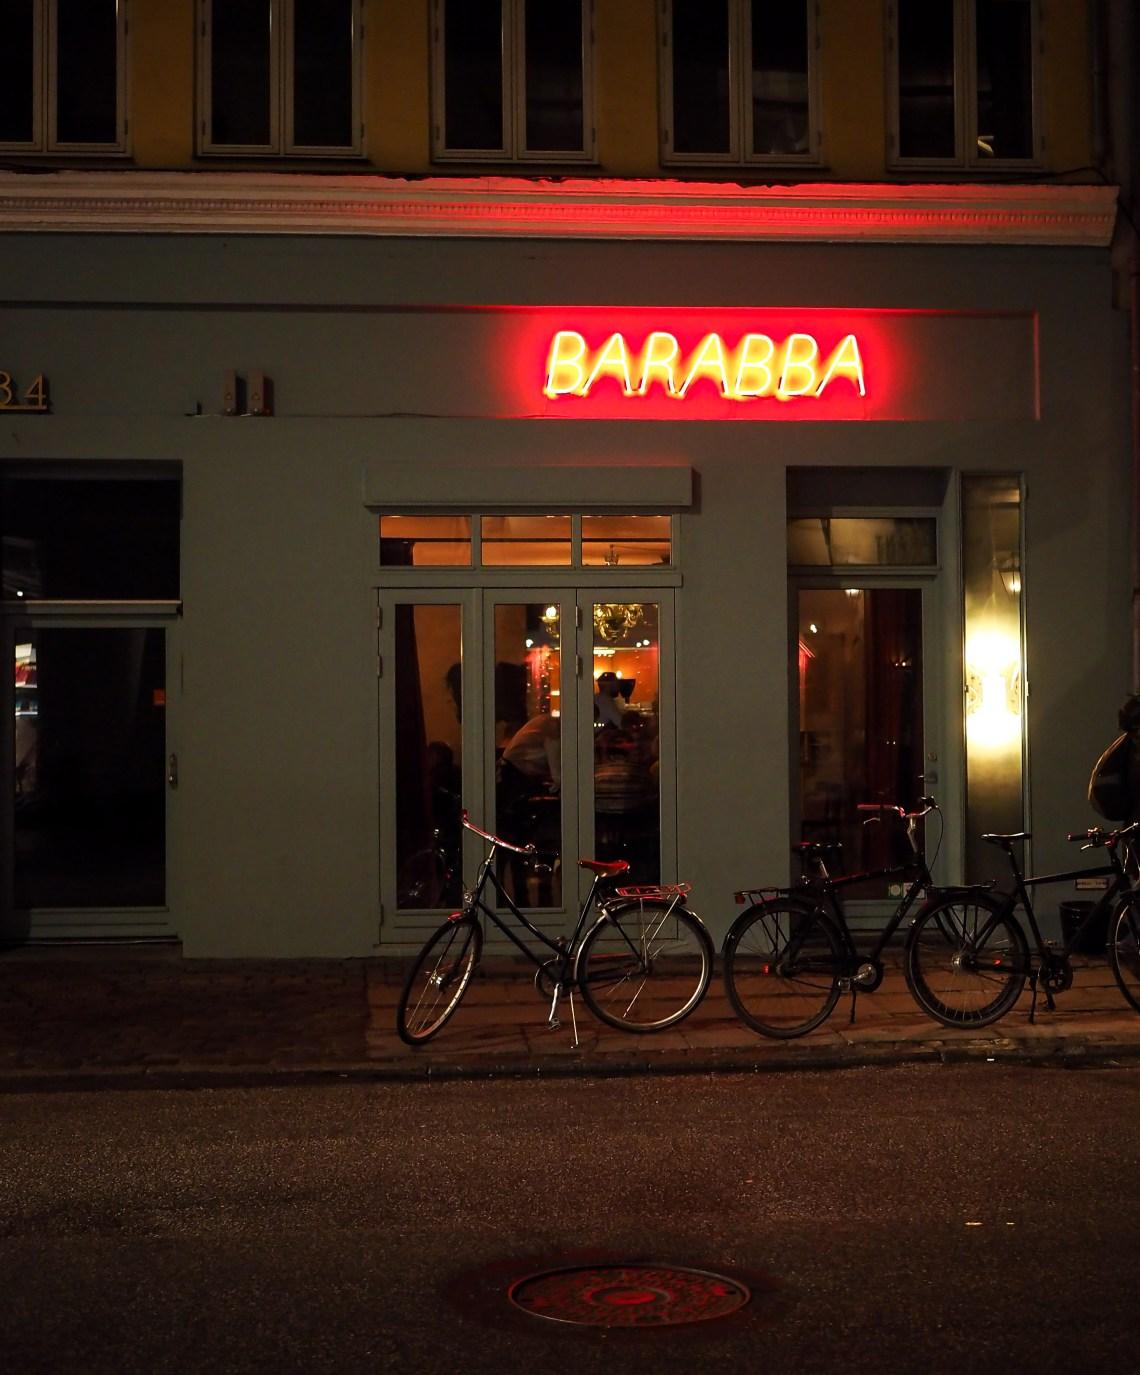 barabba